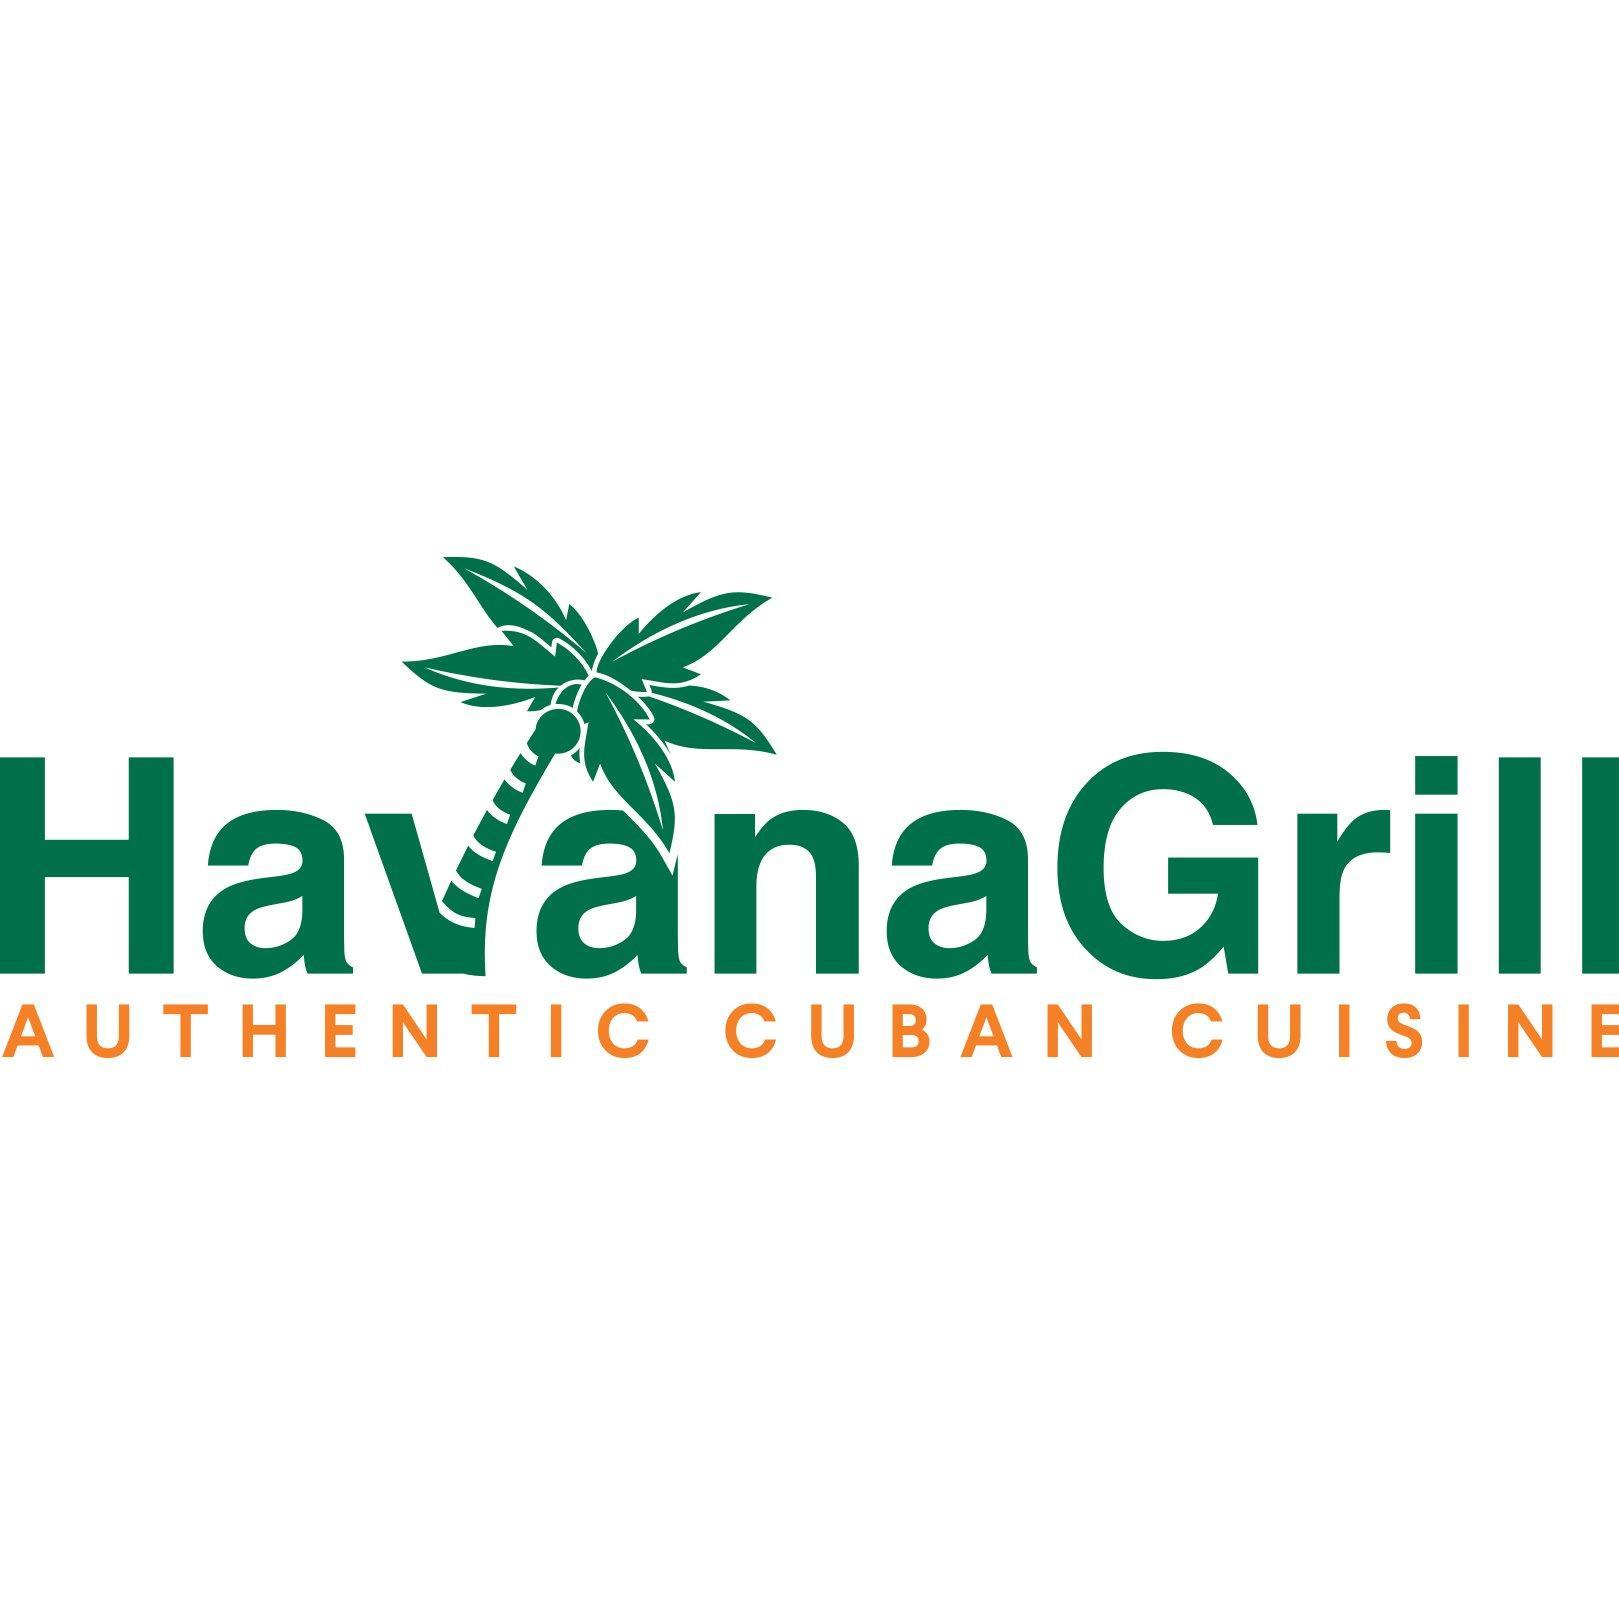 HavanaGrill Authentic Cuban Cuisine